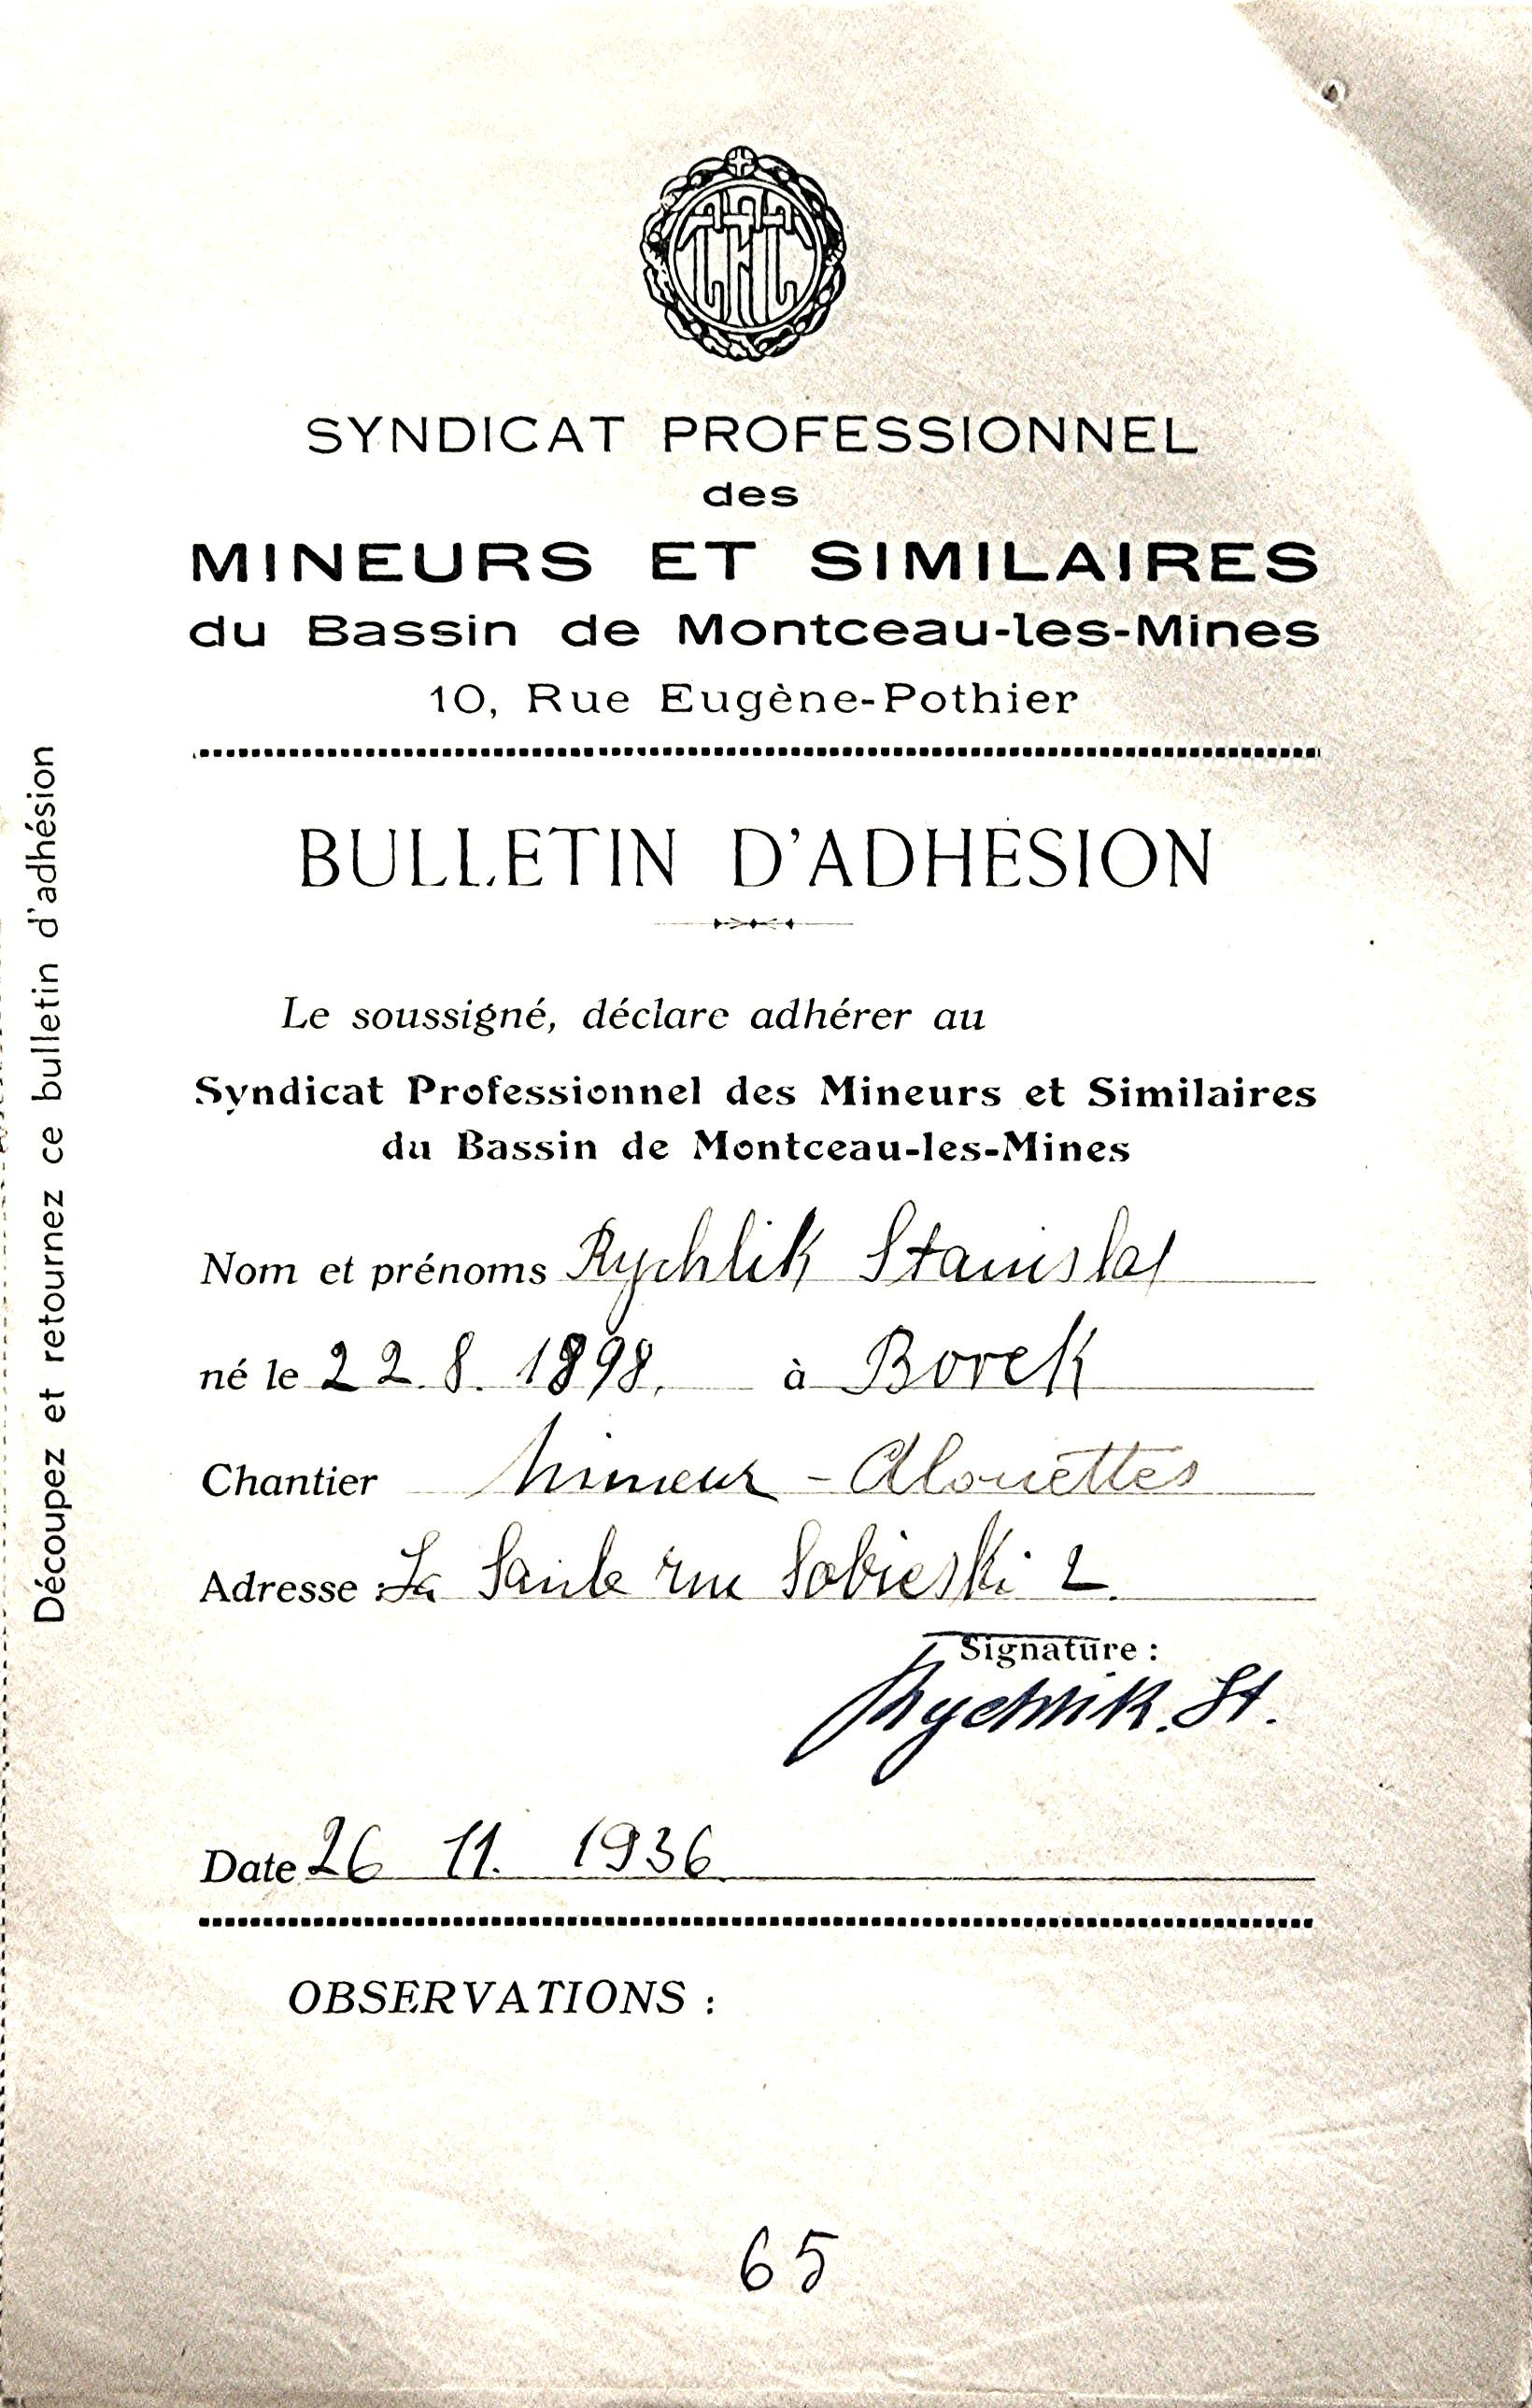 1936 CFTC - Rychlik Stanislaw (2)